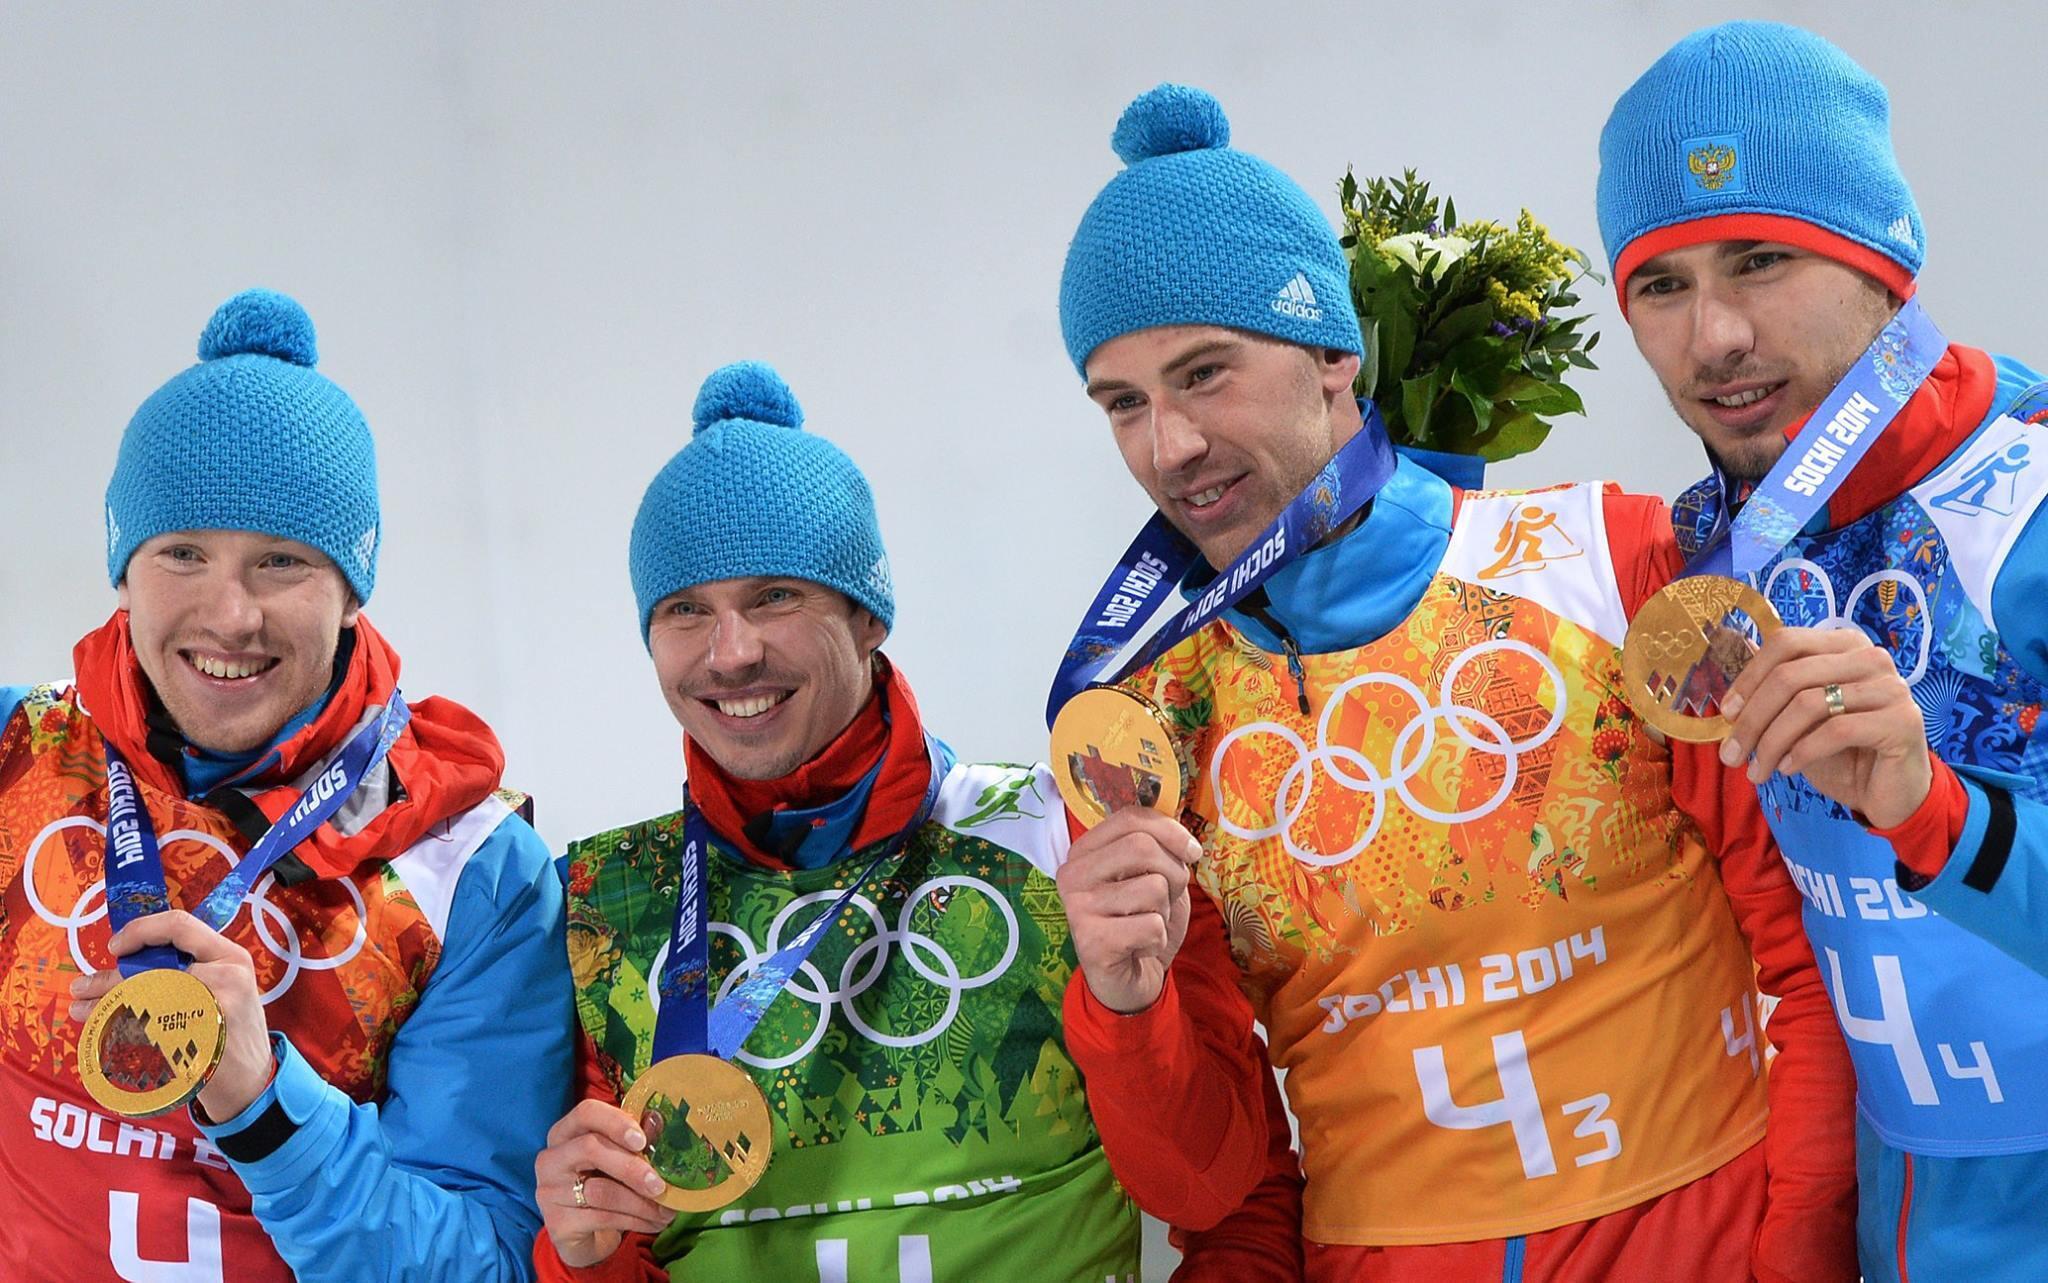 До #Сочи2014 наши биатлонисты не выигрывали мужскую эстафету Игр  26 лет! Браво, Волков,Устюгов, Малышко, Шипулин! http://t.co/mgrXHWPxTo